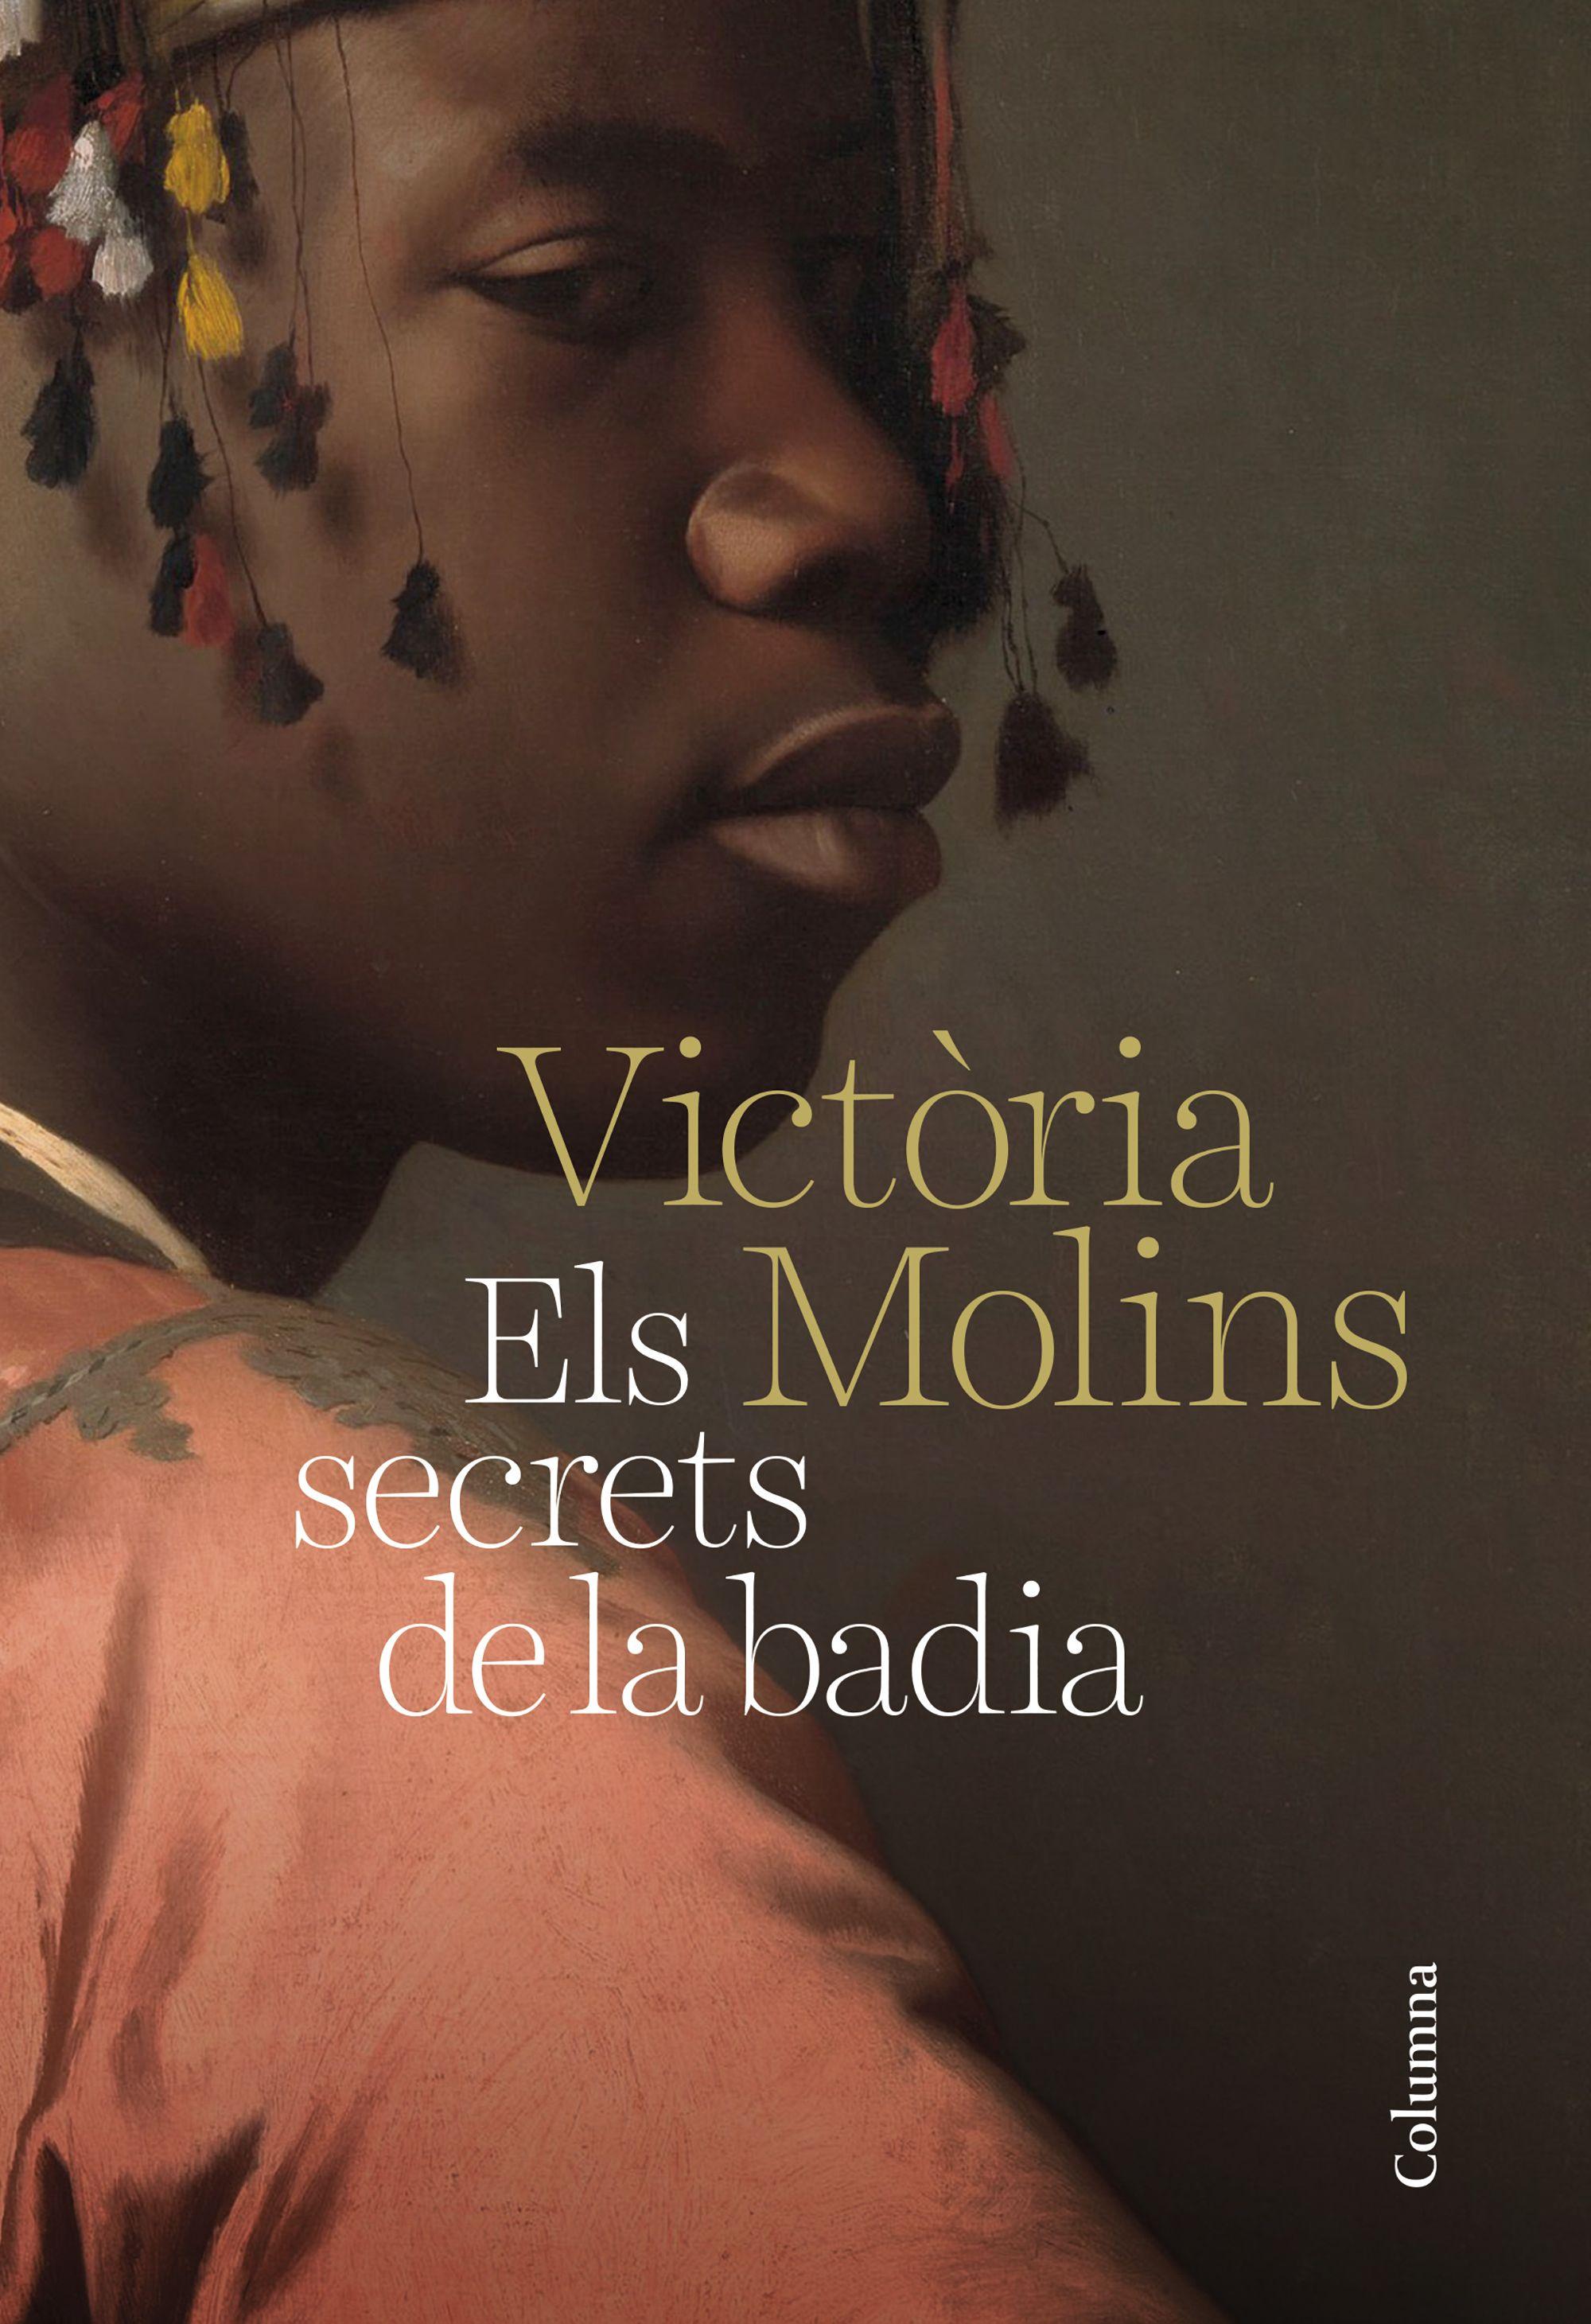 https://static2grup62cat.cdnstatics.com/usuaris/libros/fotos/292/original/portada_els-secrets-de-la-badia_maria-victoria-molins_201905131335.jpg